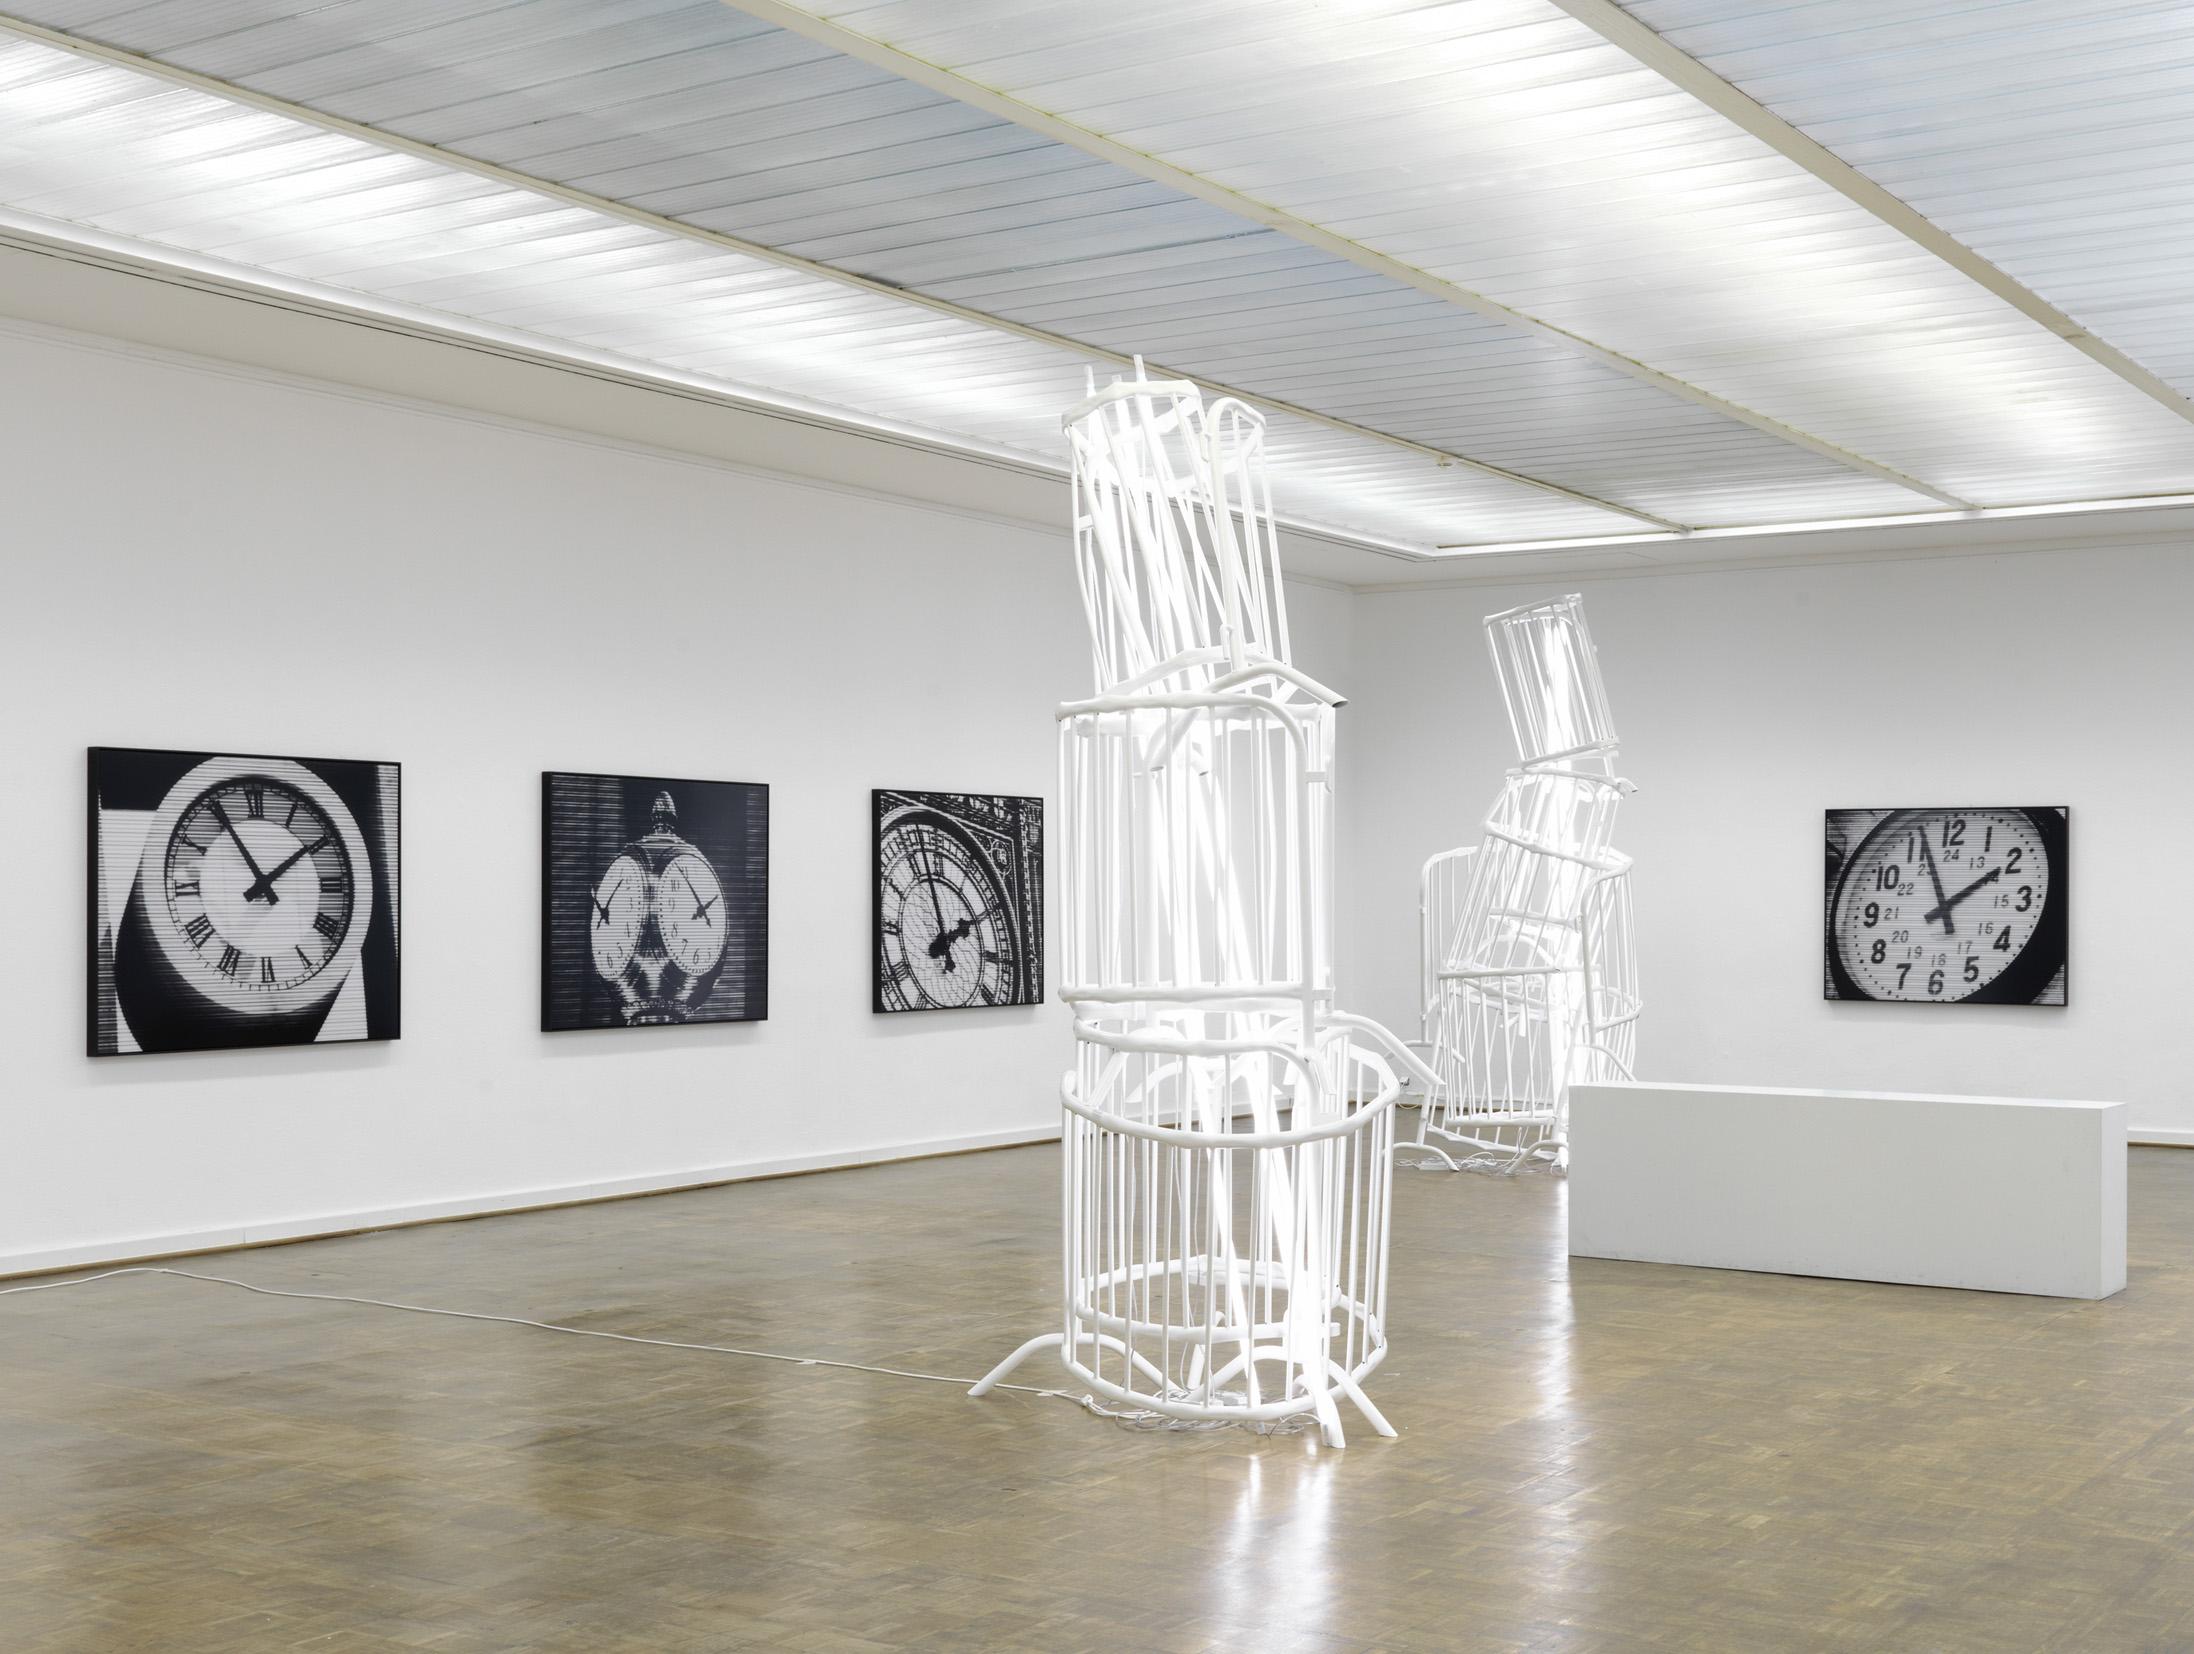 Bettina Pousttchi, Ausstellungsansicht Kunsthalle Rostock, Foto: Bernd Borchardt